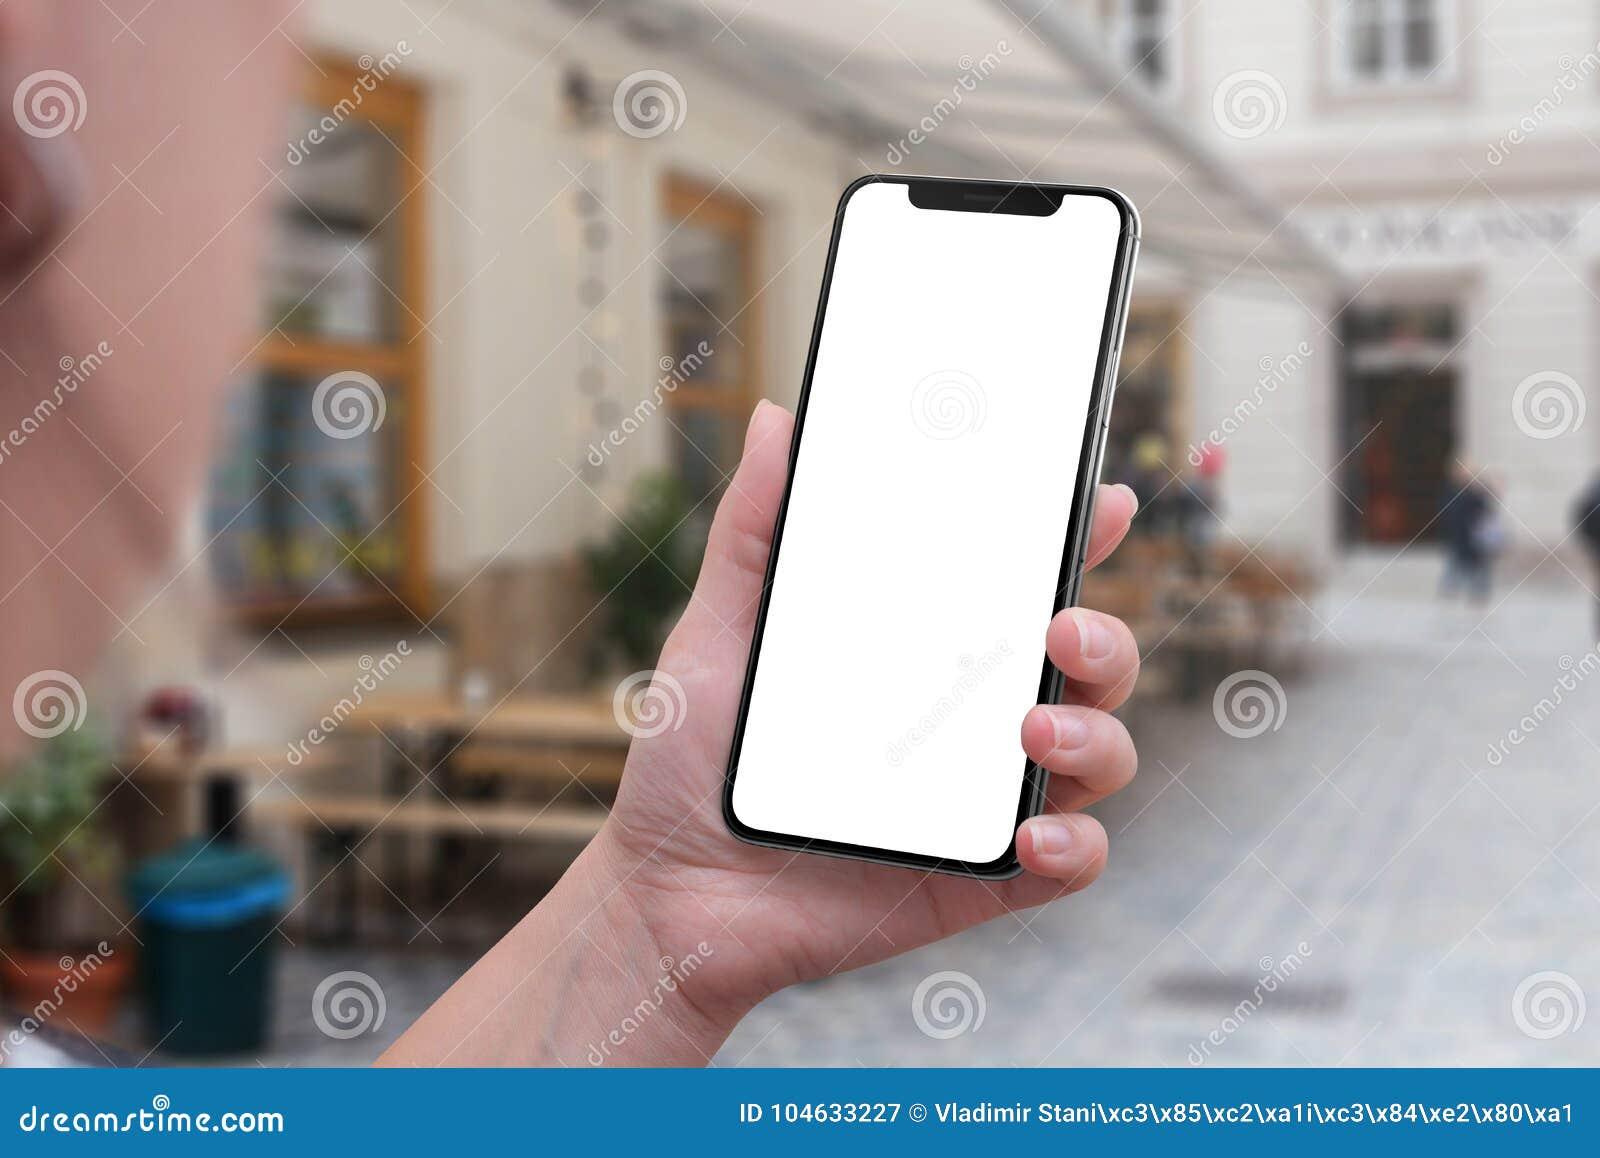 Smartphone x en mano de la mujer Pantalla aislada para la maqueta de la interfaz de usuario